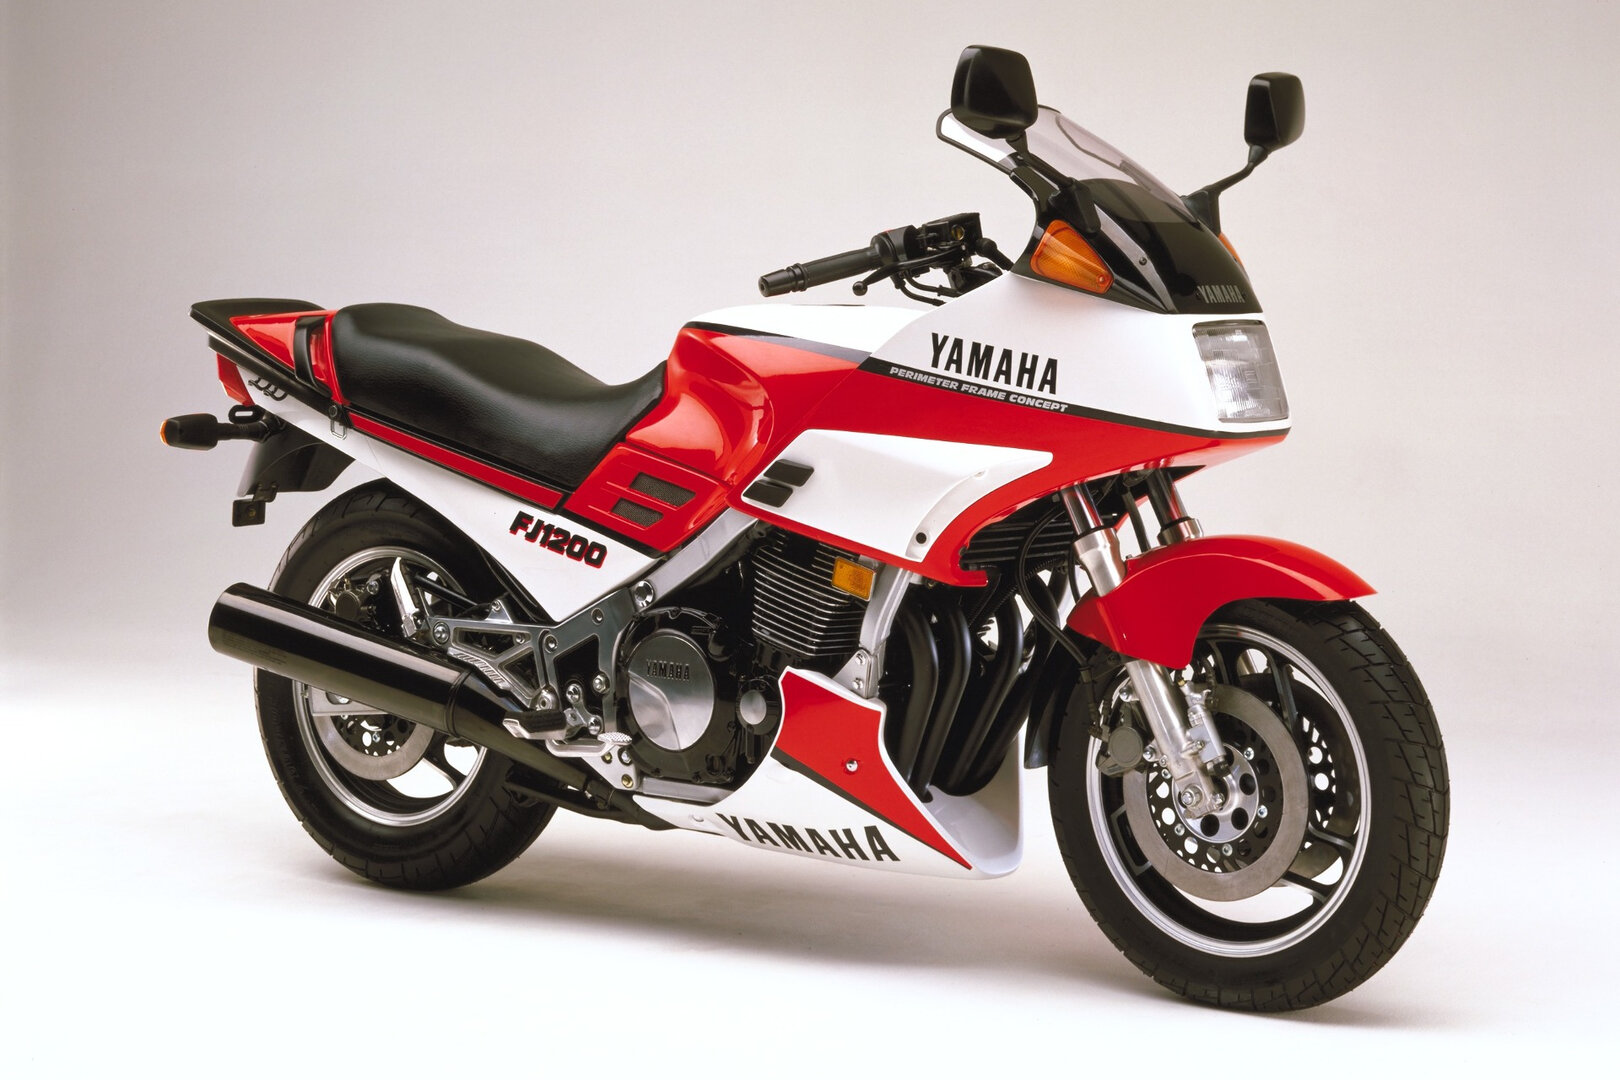 Yamaha FJ 1200 1